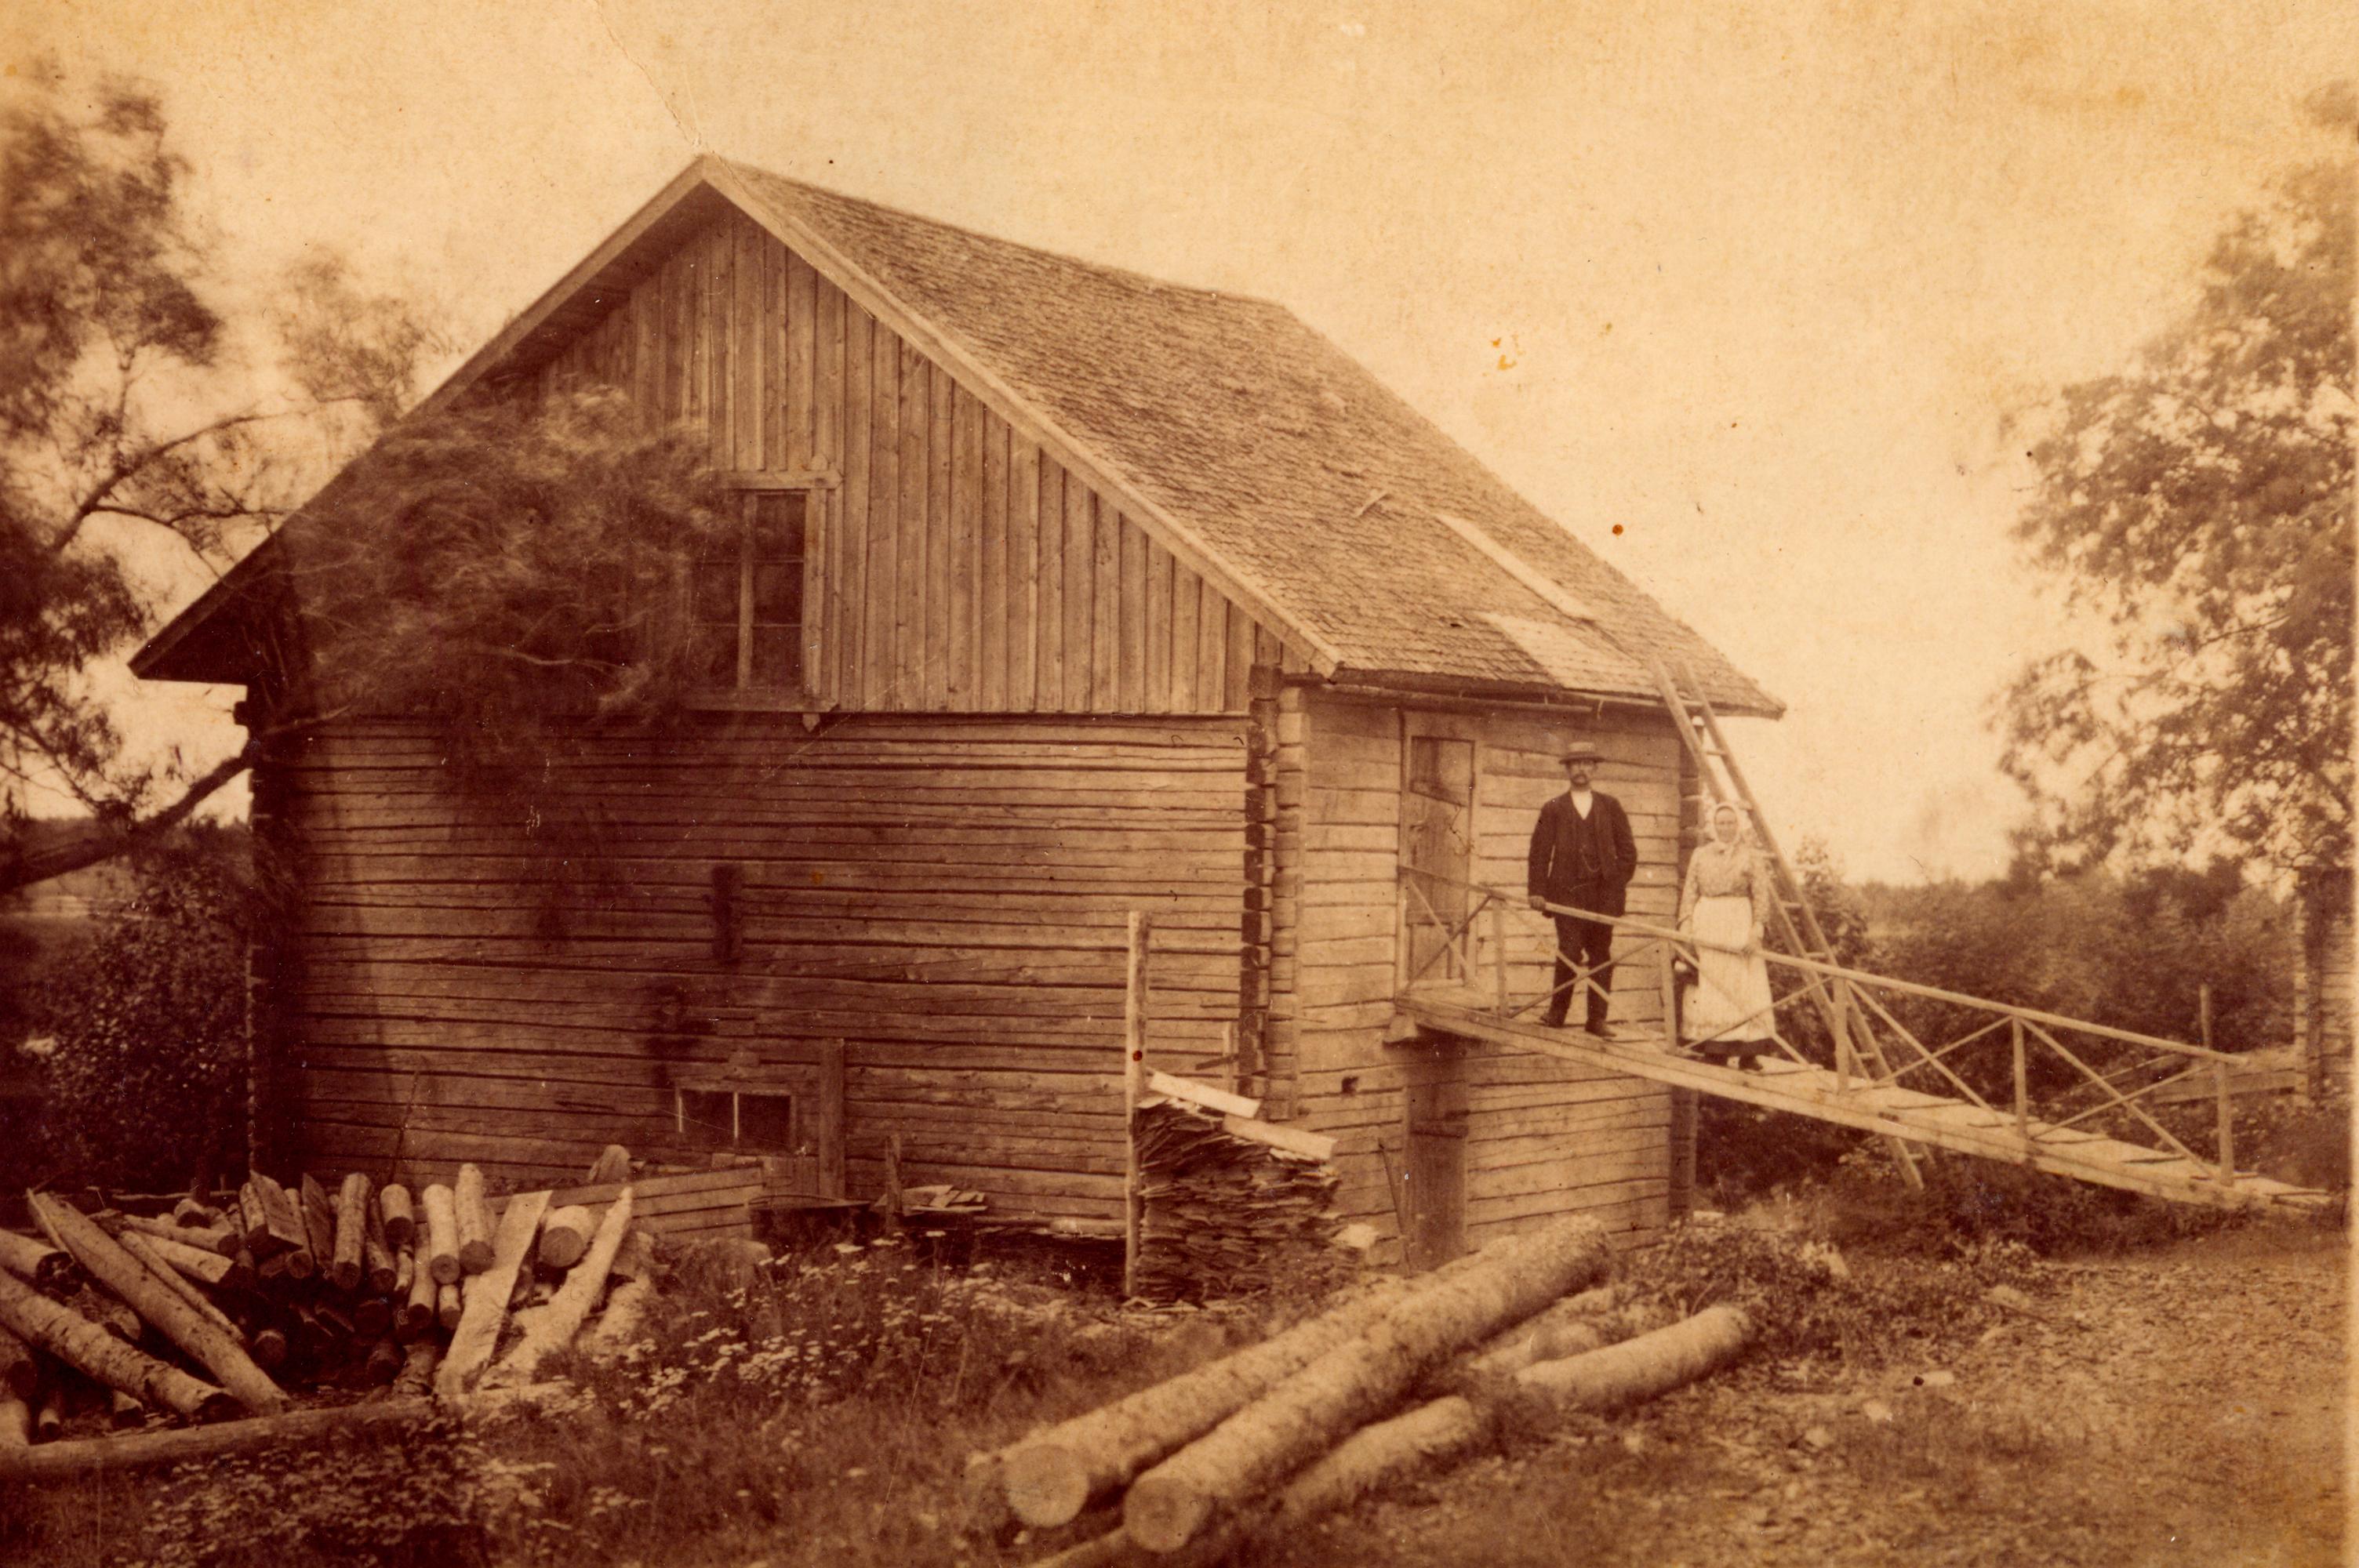 Så här såg kvarnen ut 1910, här på landgången till kvarnen står mjölnaren själv Johan Viktor Solfvin (1878-1934) och hans hustru Amanda (f. 1880). Det är oklart när Solfvin tog över verksamheten men deras dotter Elna (f. 1907) som sedan gifte sig med Runar Grans torde vara född här på området.